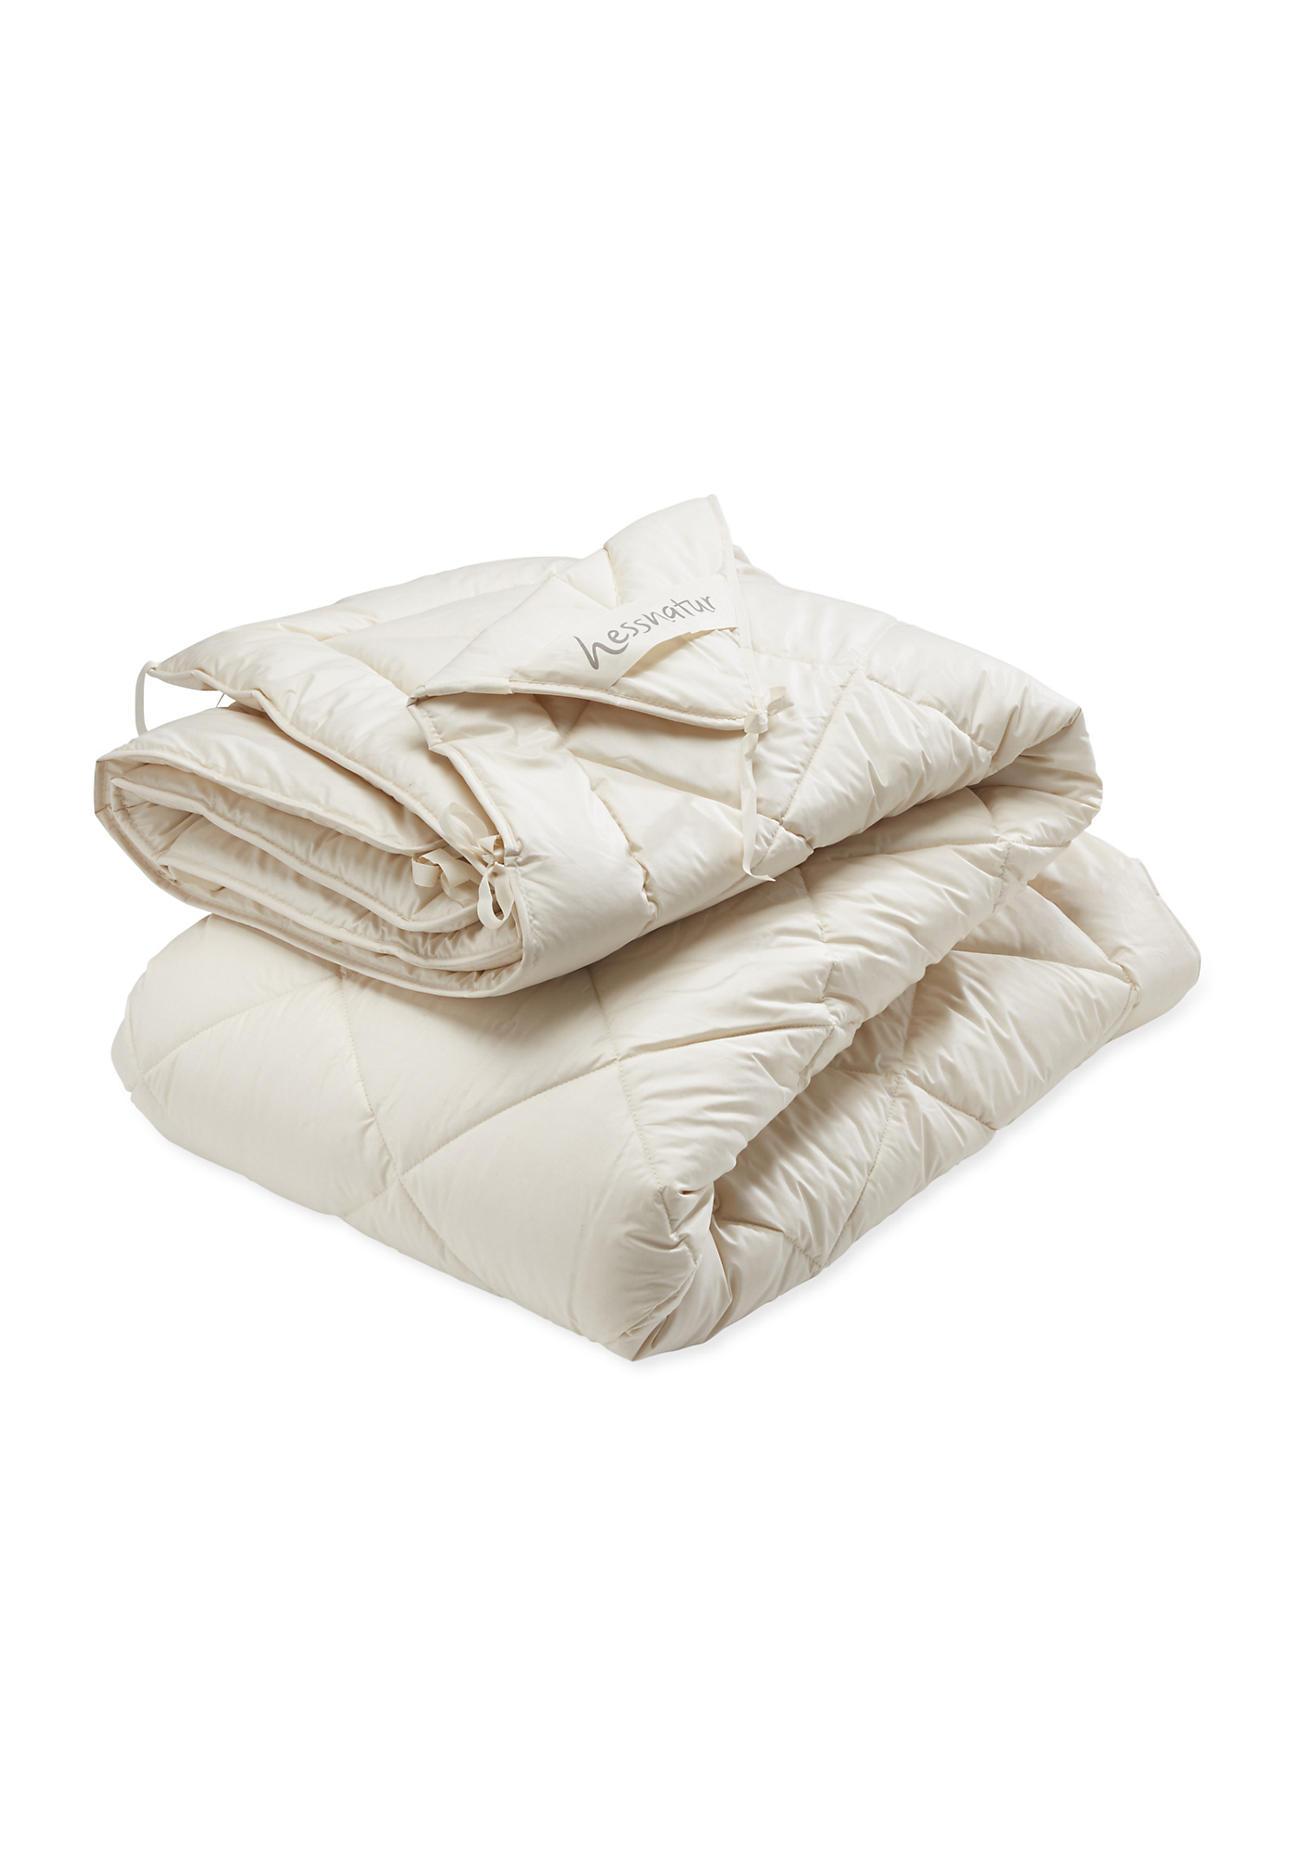 hessnatur 4-Jahreszeiten-Bettdecke mit reiner Bio-Schurwolle – naturfarben – Größe 135x200 cm 800/Füllung 1600g